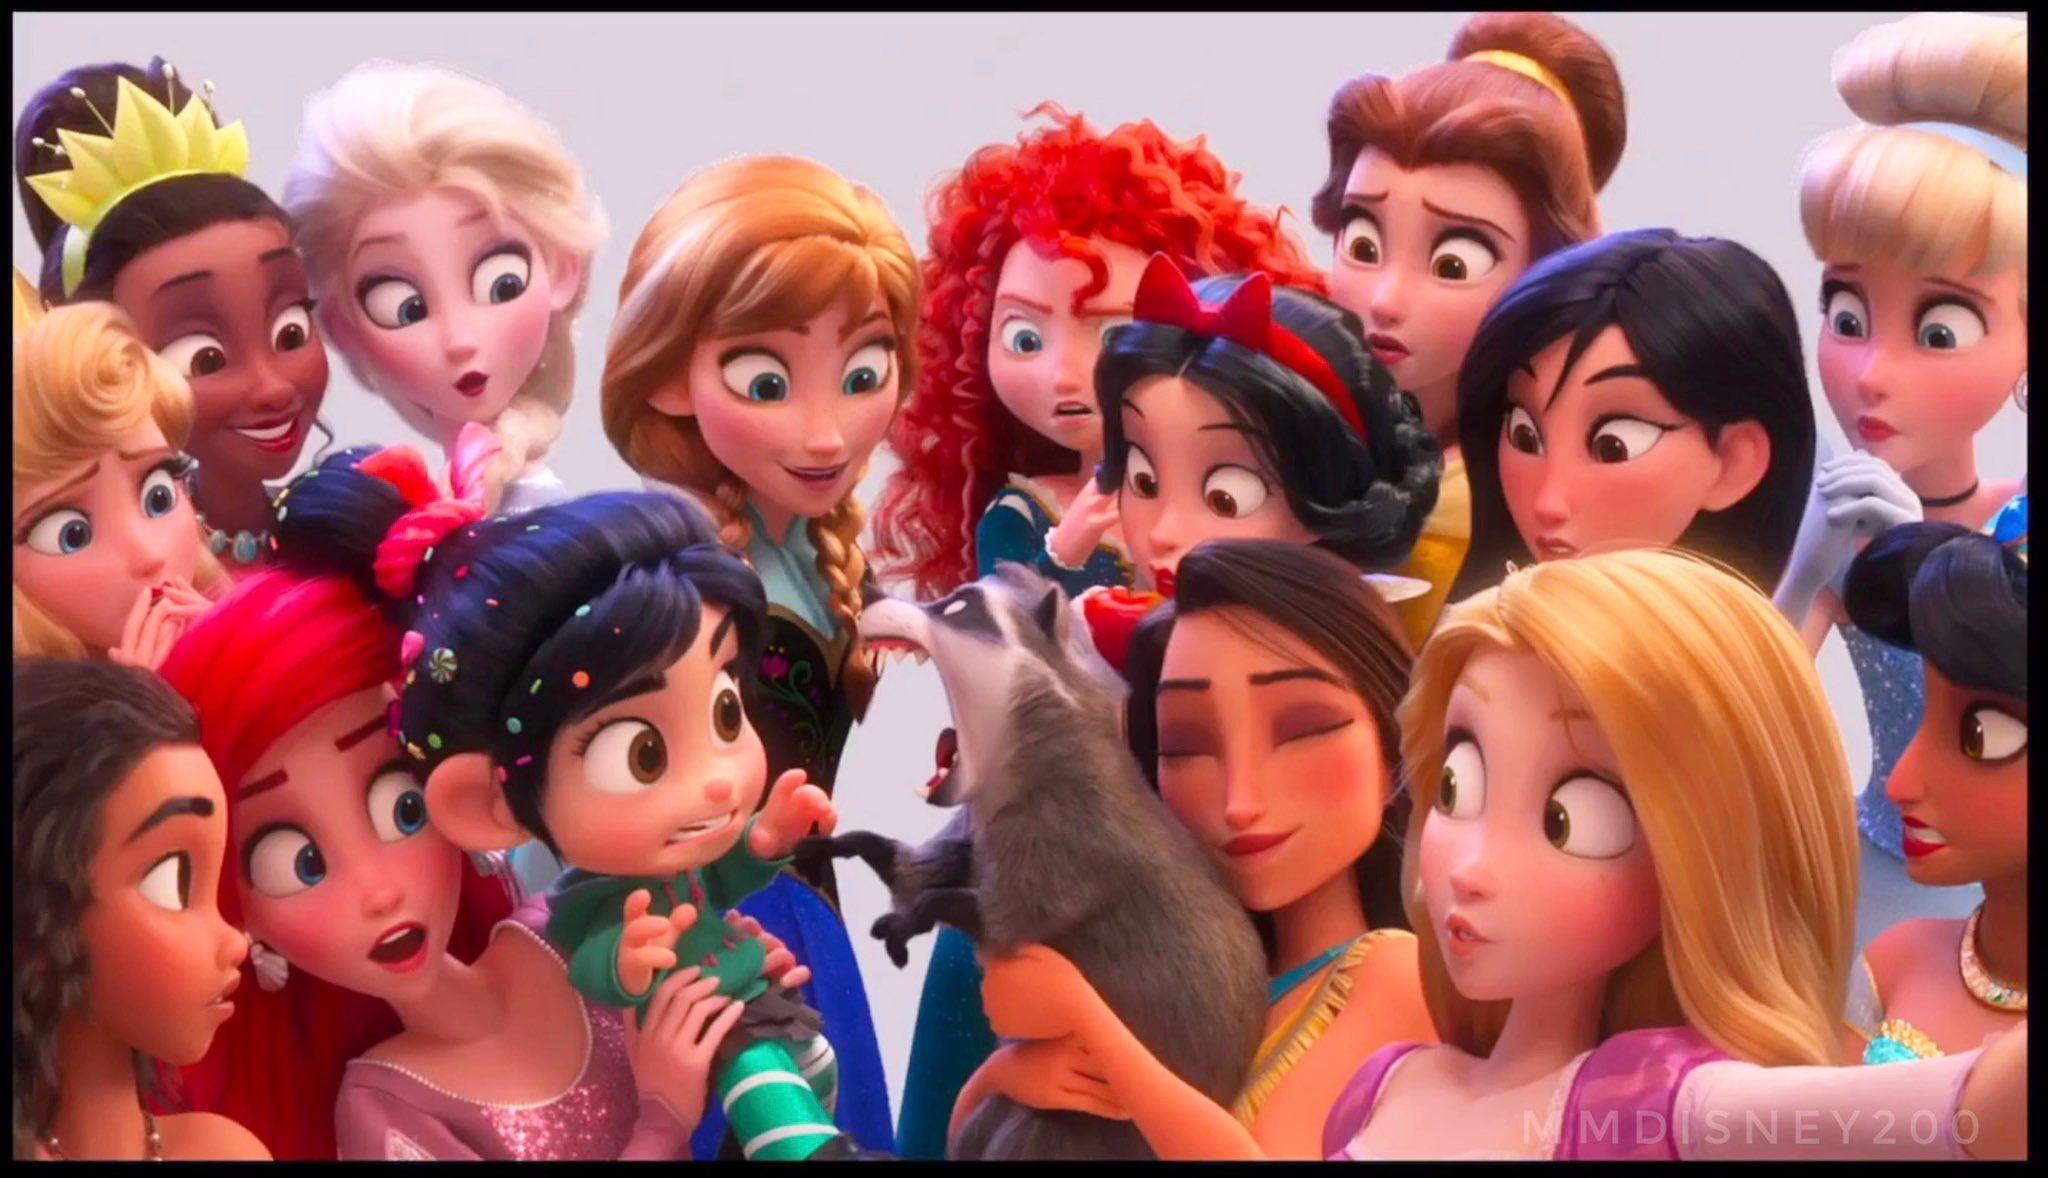 Another Princesses Selfie Wreck It Ralph 2 Portrait